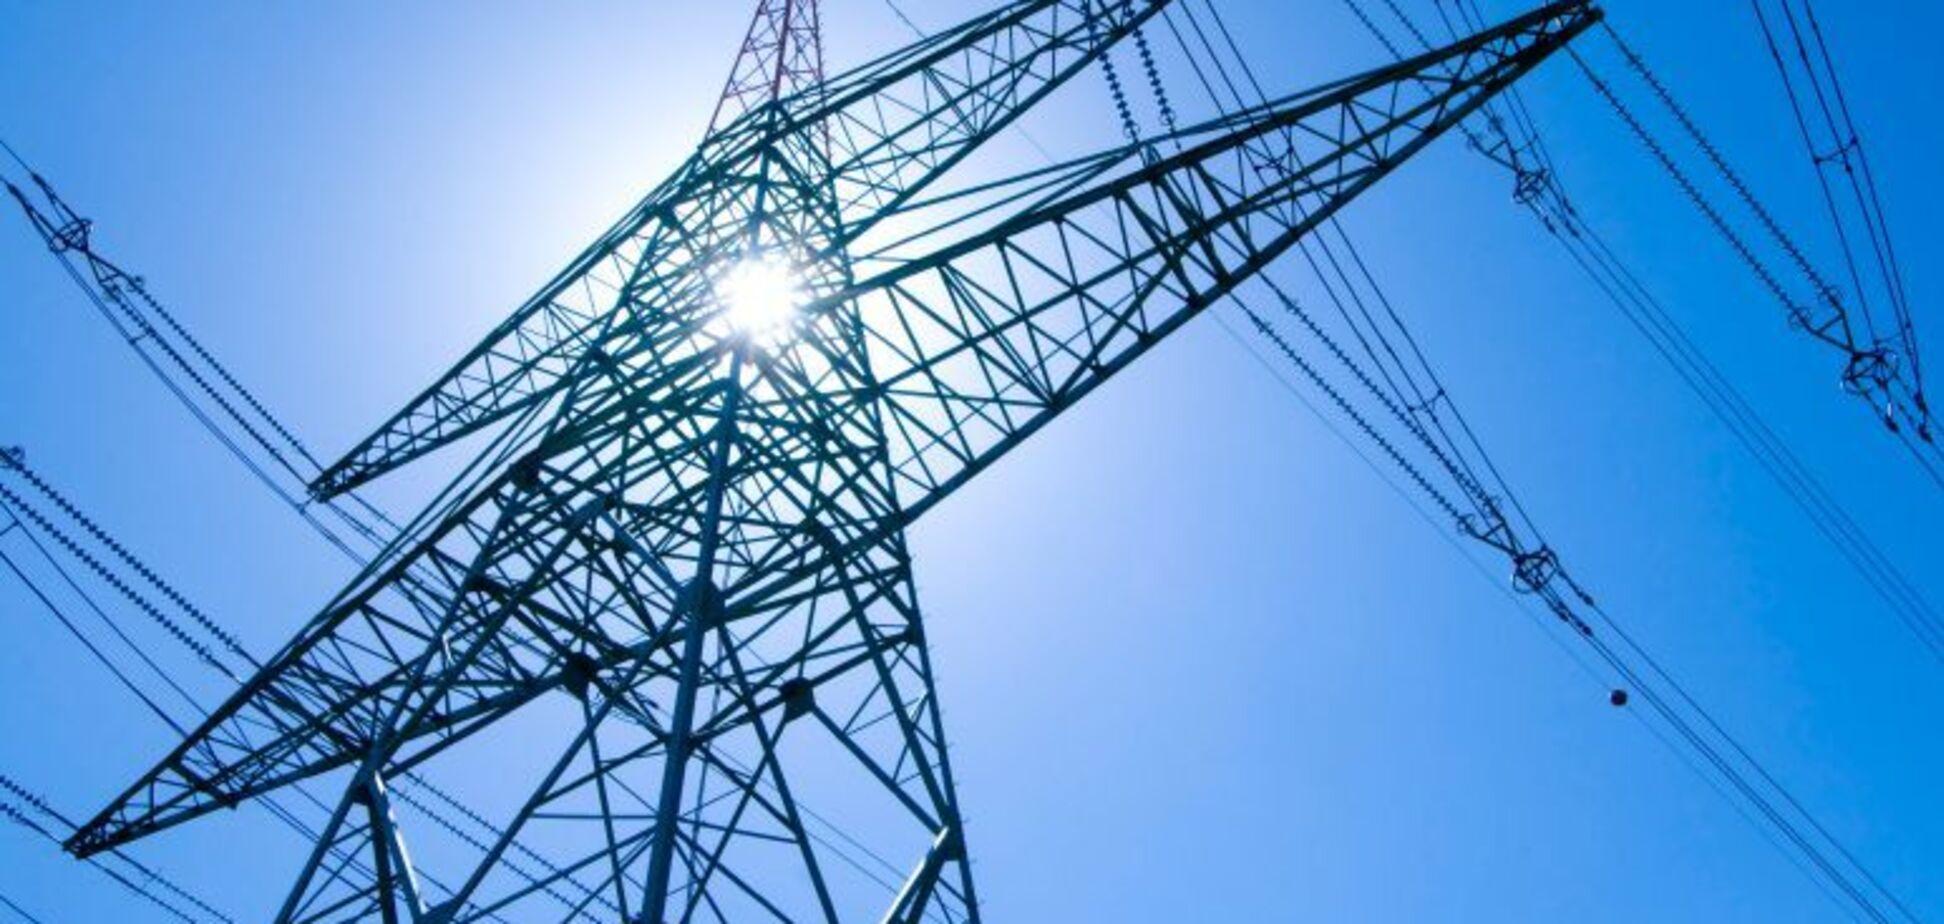 Оператори систем розподілу ДТЕК Мережі переходять на стимулювальне тарифоутворення з 1 січня 2021 року